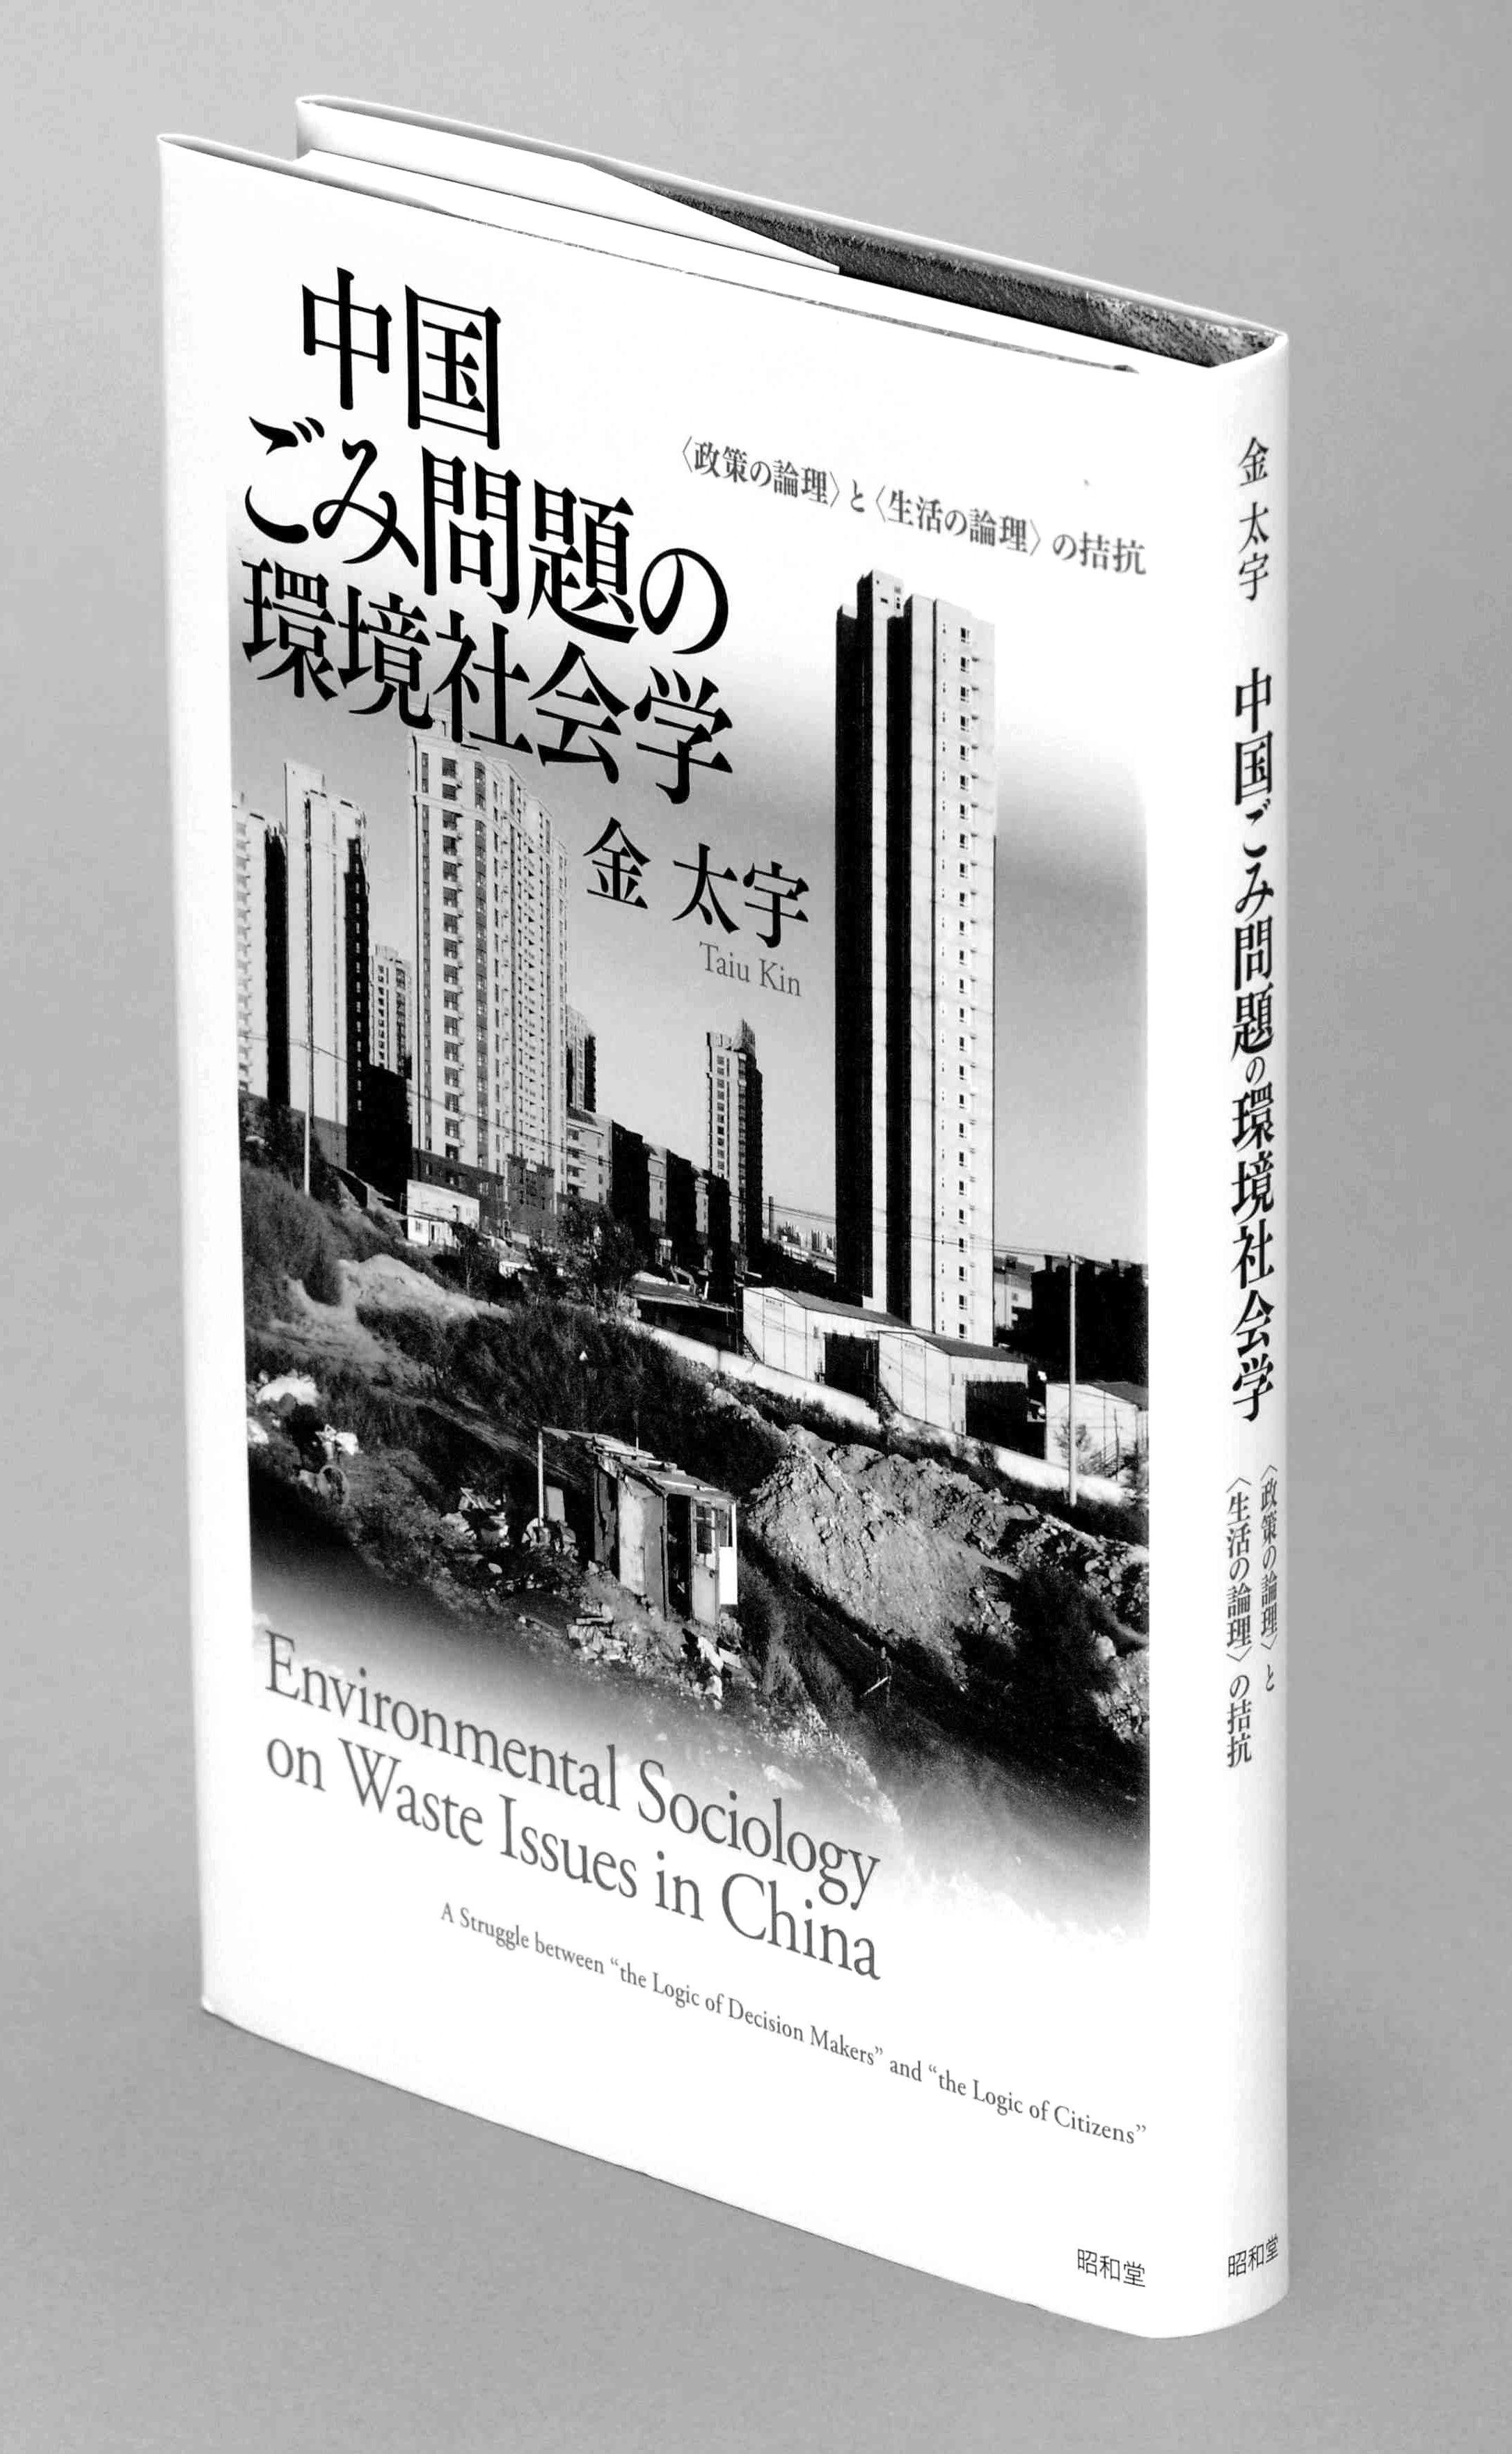 読書 環境 金太宇著 中国ごみ問題の環境社会学 周辺で生きる人々の